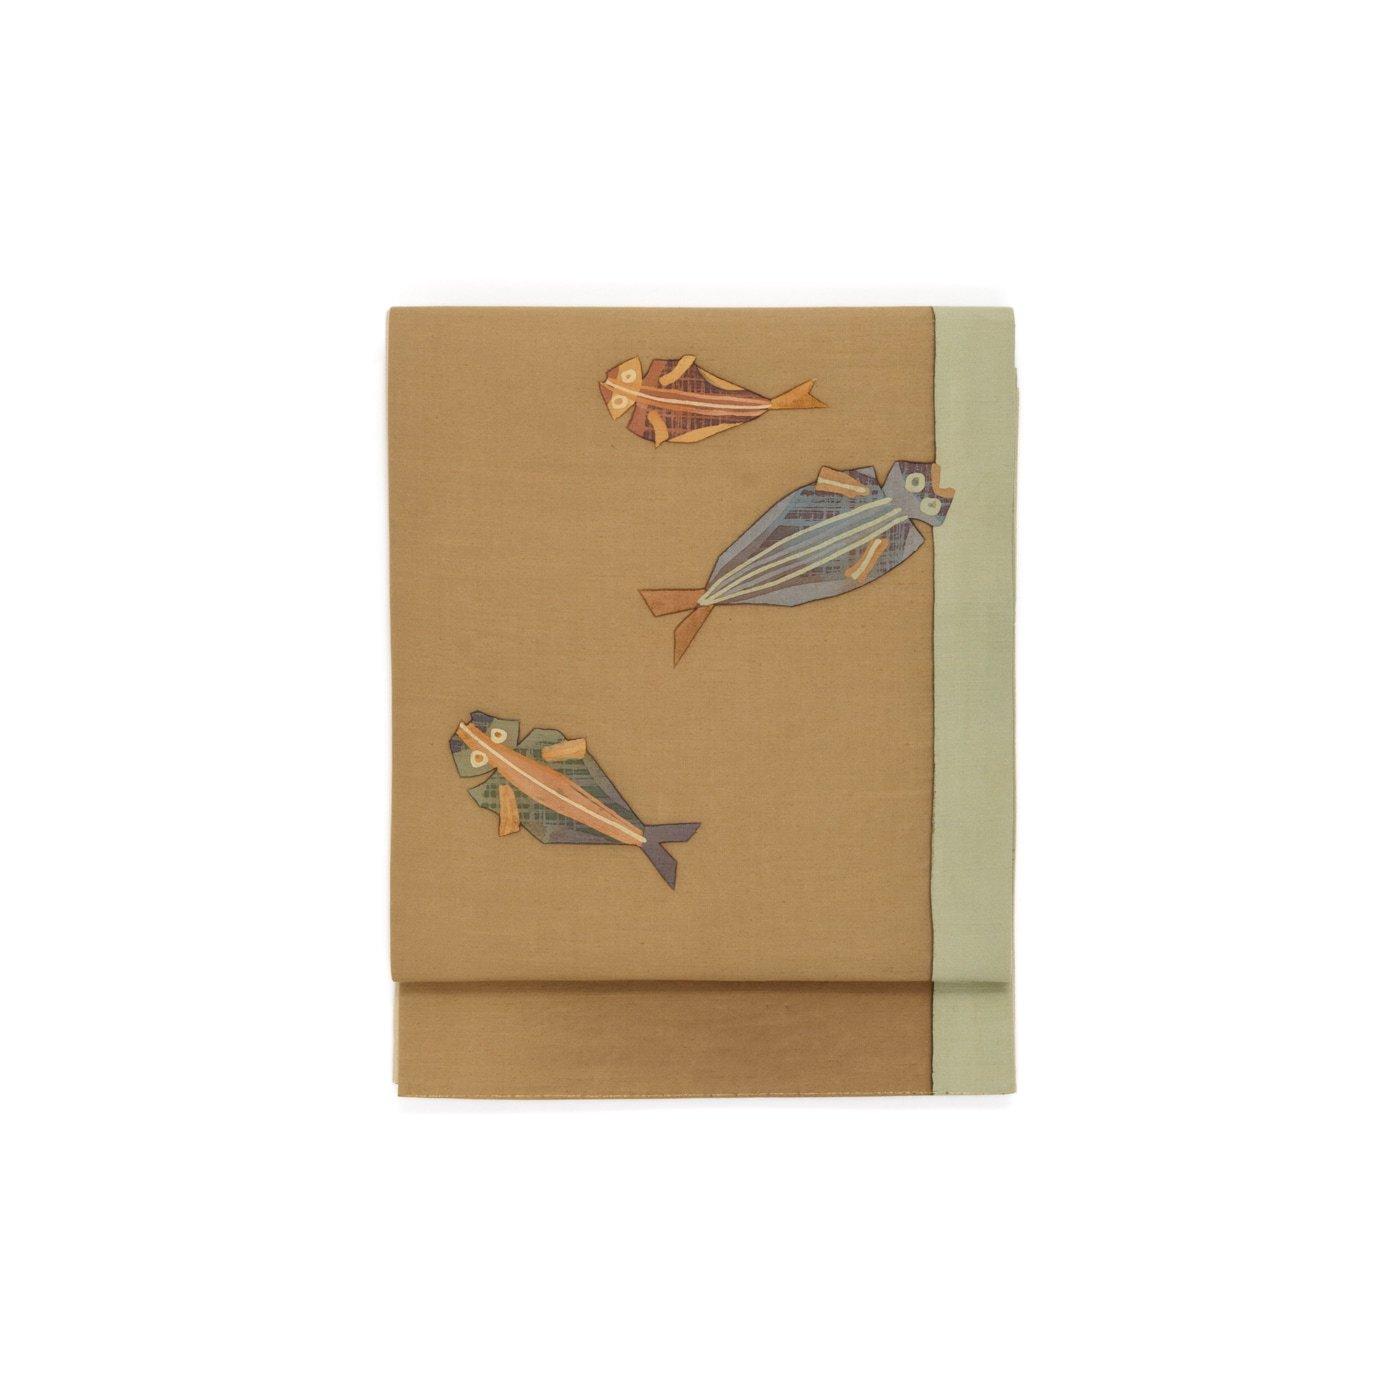 「洒落袋帯●鯵の開きとヒトデ」の商品画像